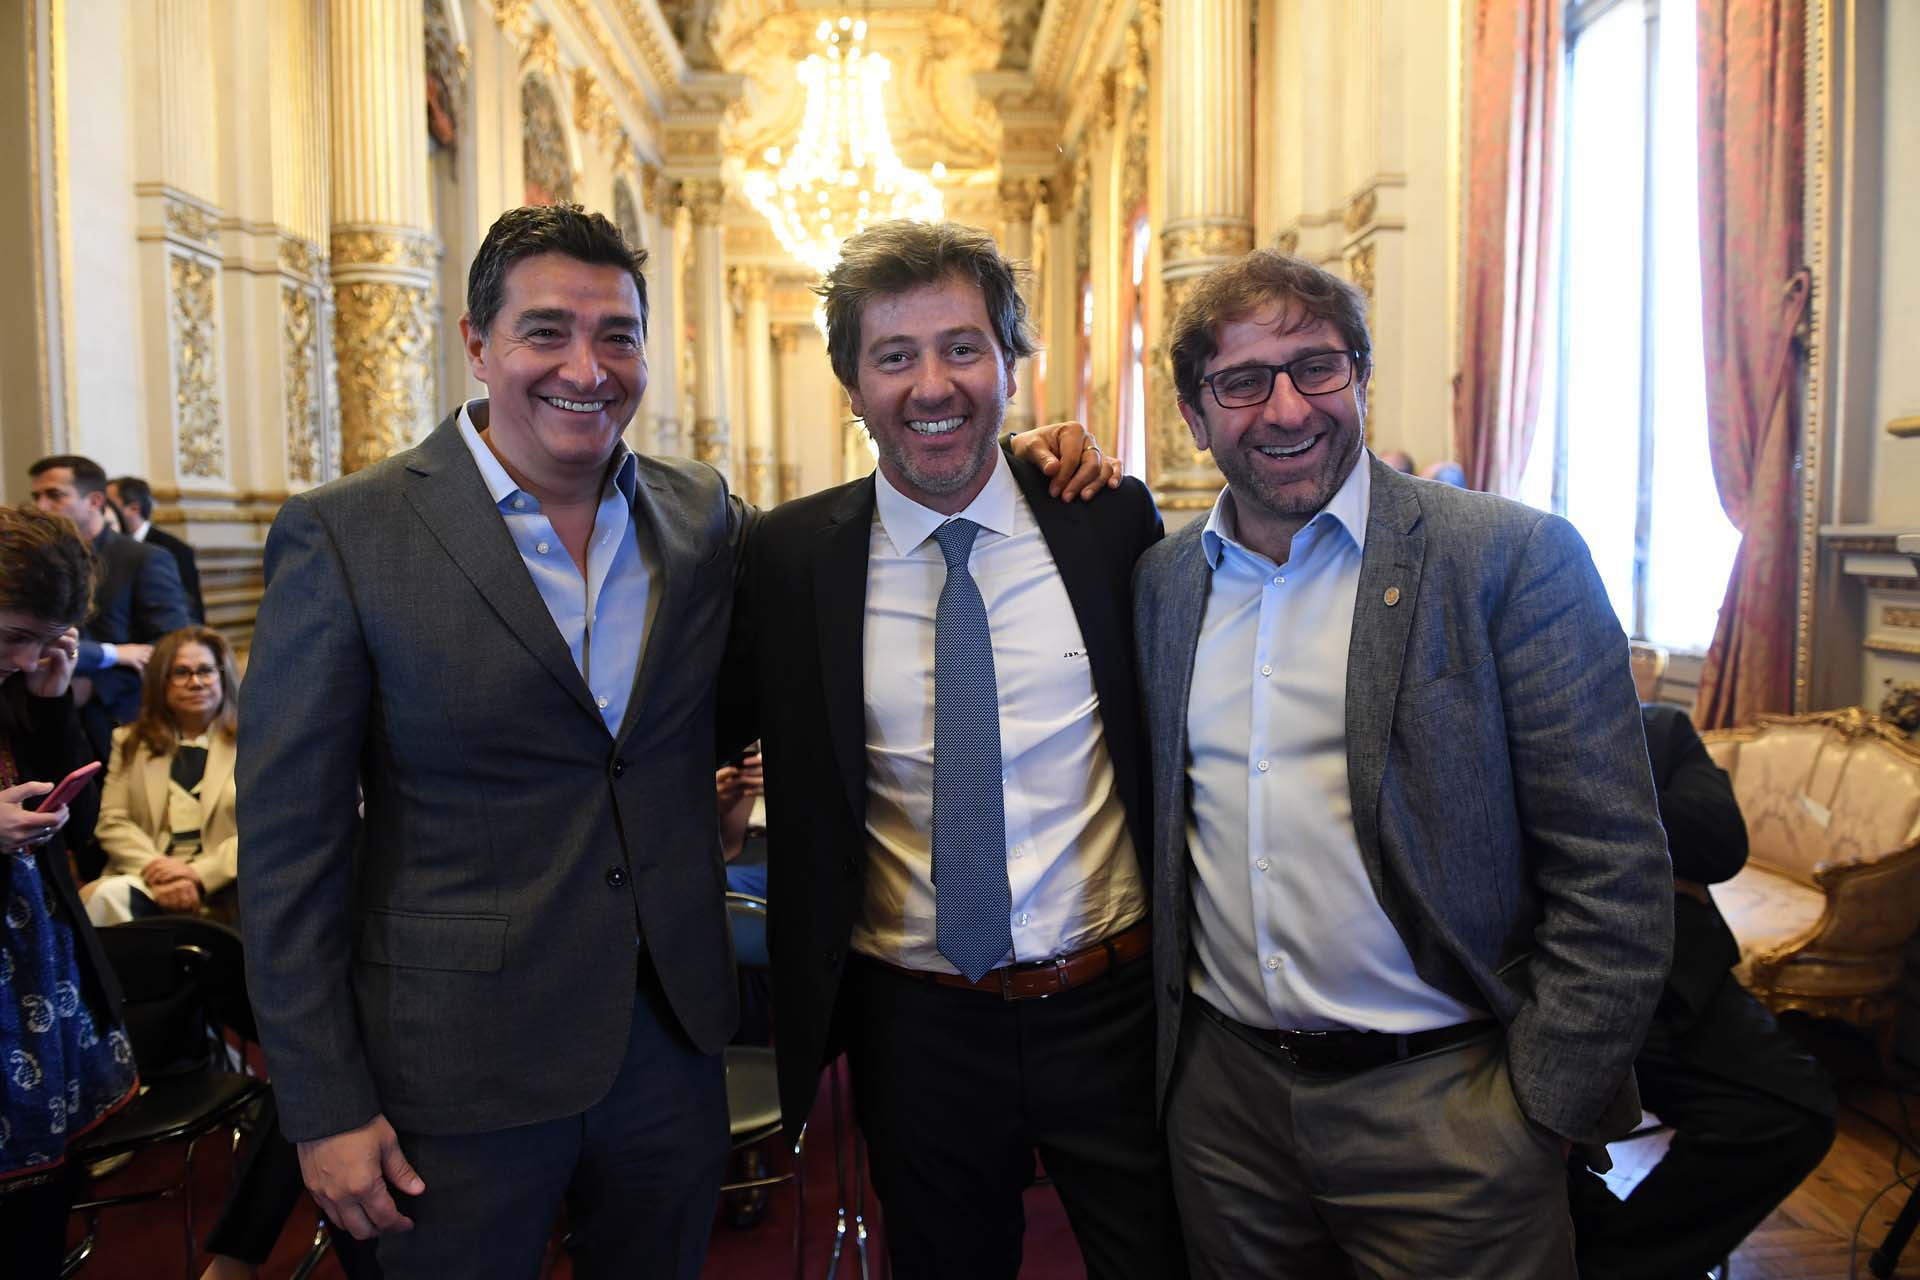 El ministro de Gobierno de la Ciudad de Buenos Aires, Bruno Screnci Silva, Juan Mahiques, y Fernando Straface. secretario general del Gobierno porteño.